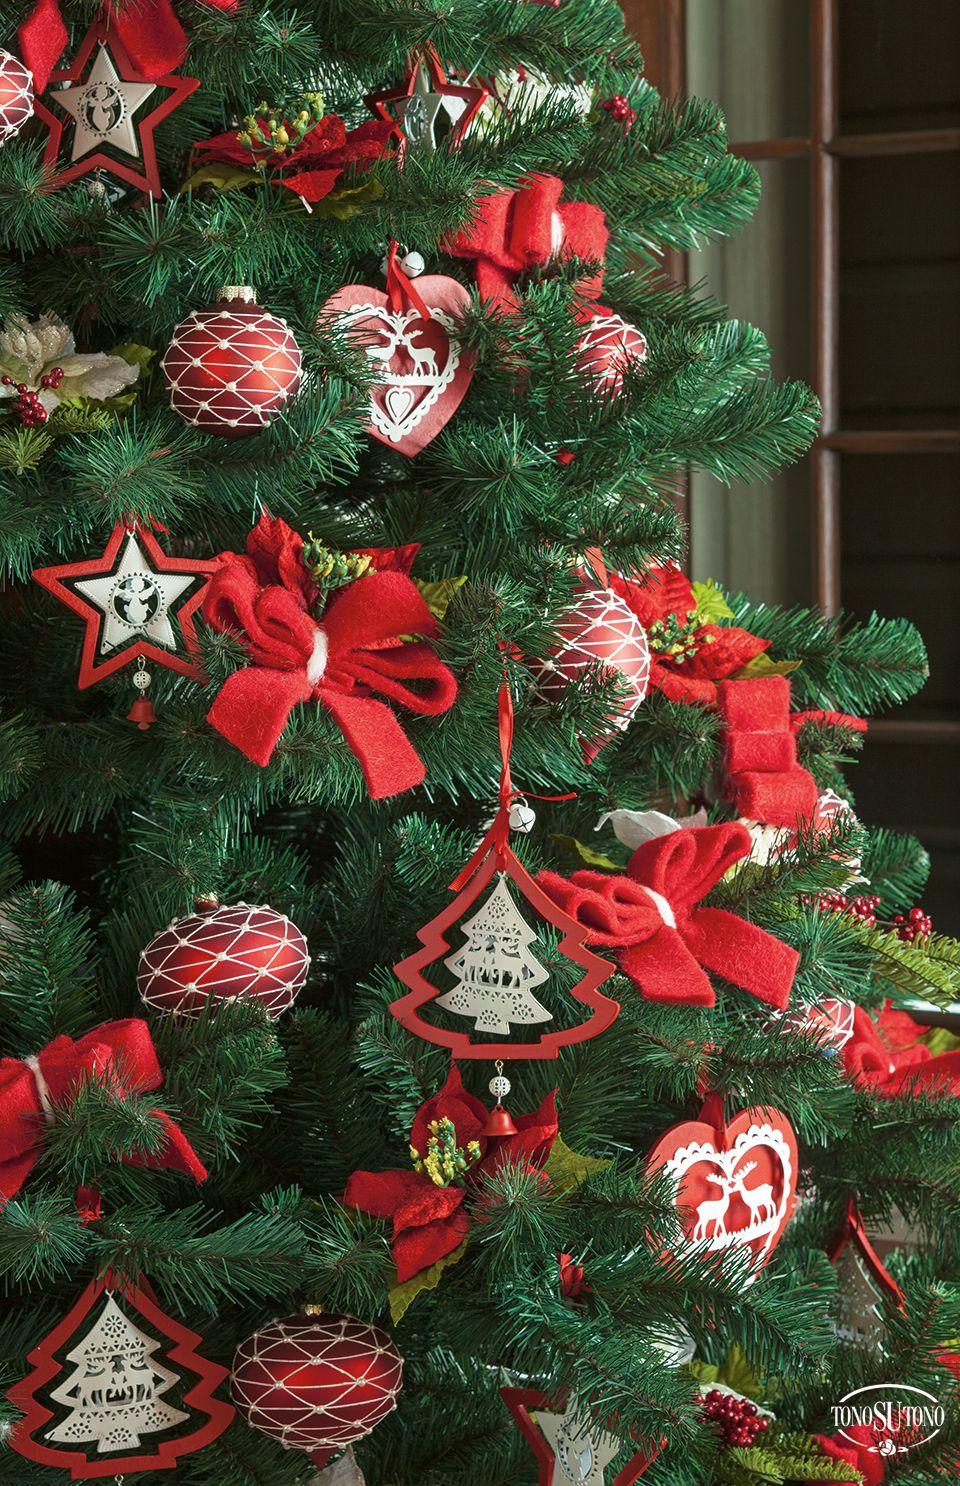 Natale tonosutono albero di natale rosso e bianco natale 2015 tonosutono pinterest - Pinterest natale ...